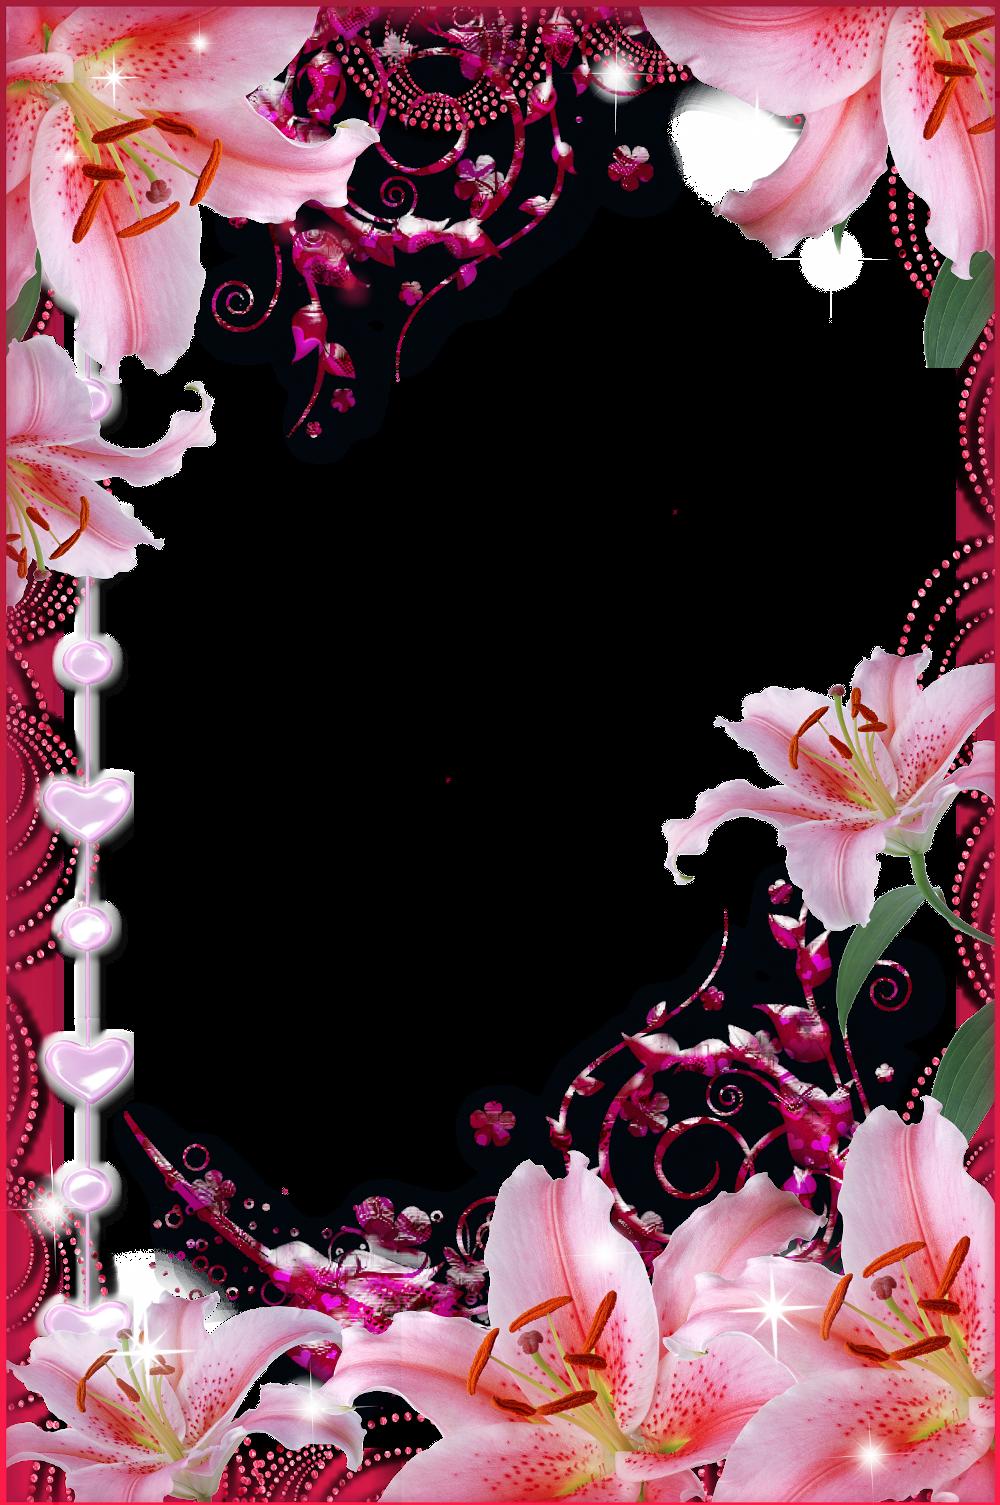 Фон с цветами для поздравления вертикальный